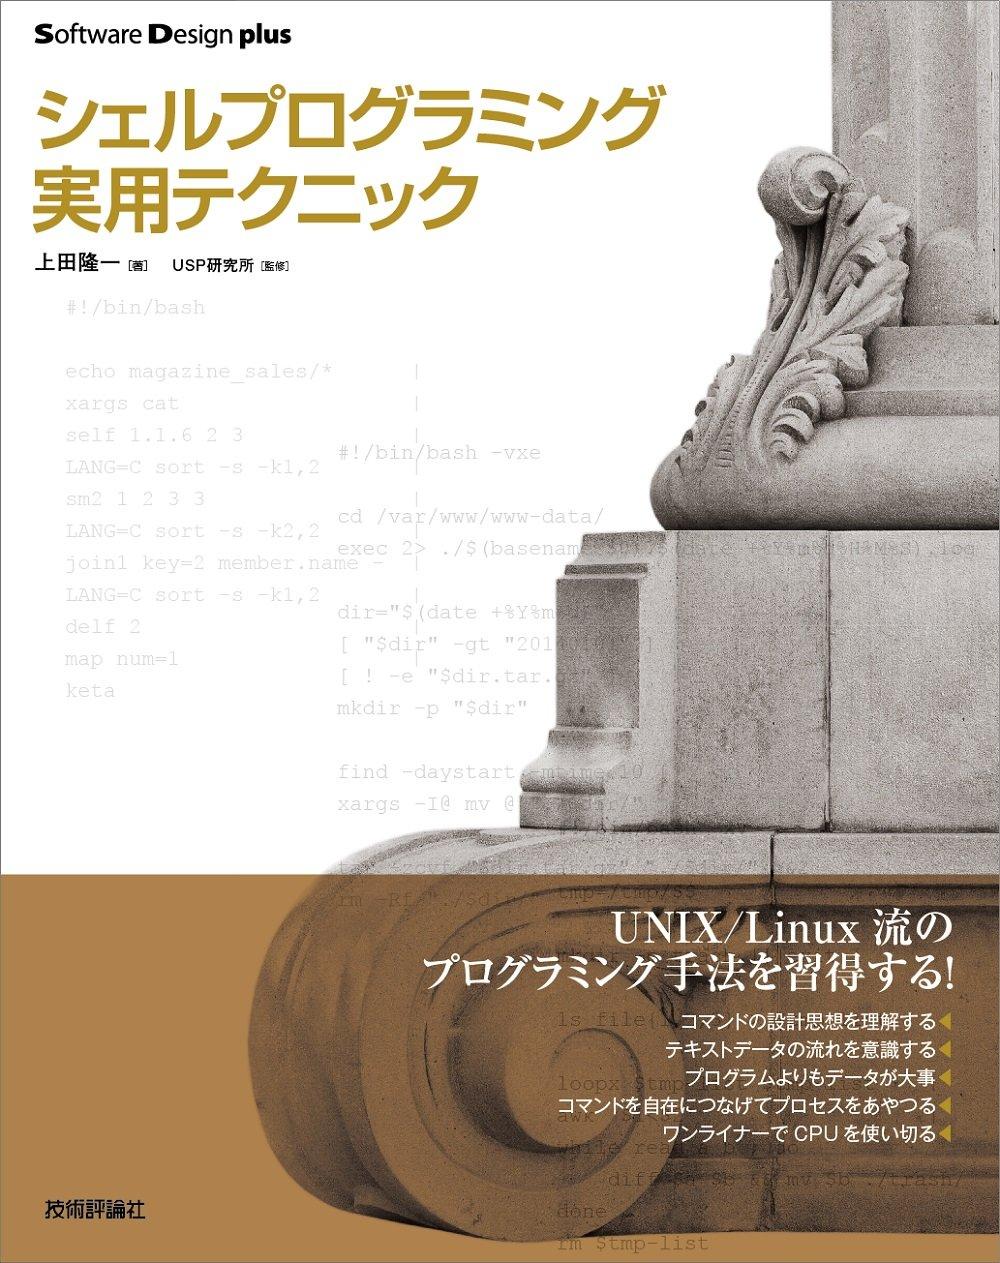 シェルプログラミング実用テクニック software design plus 上田